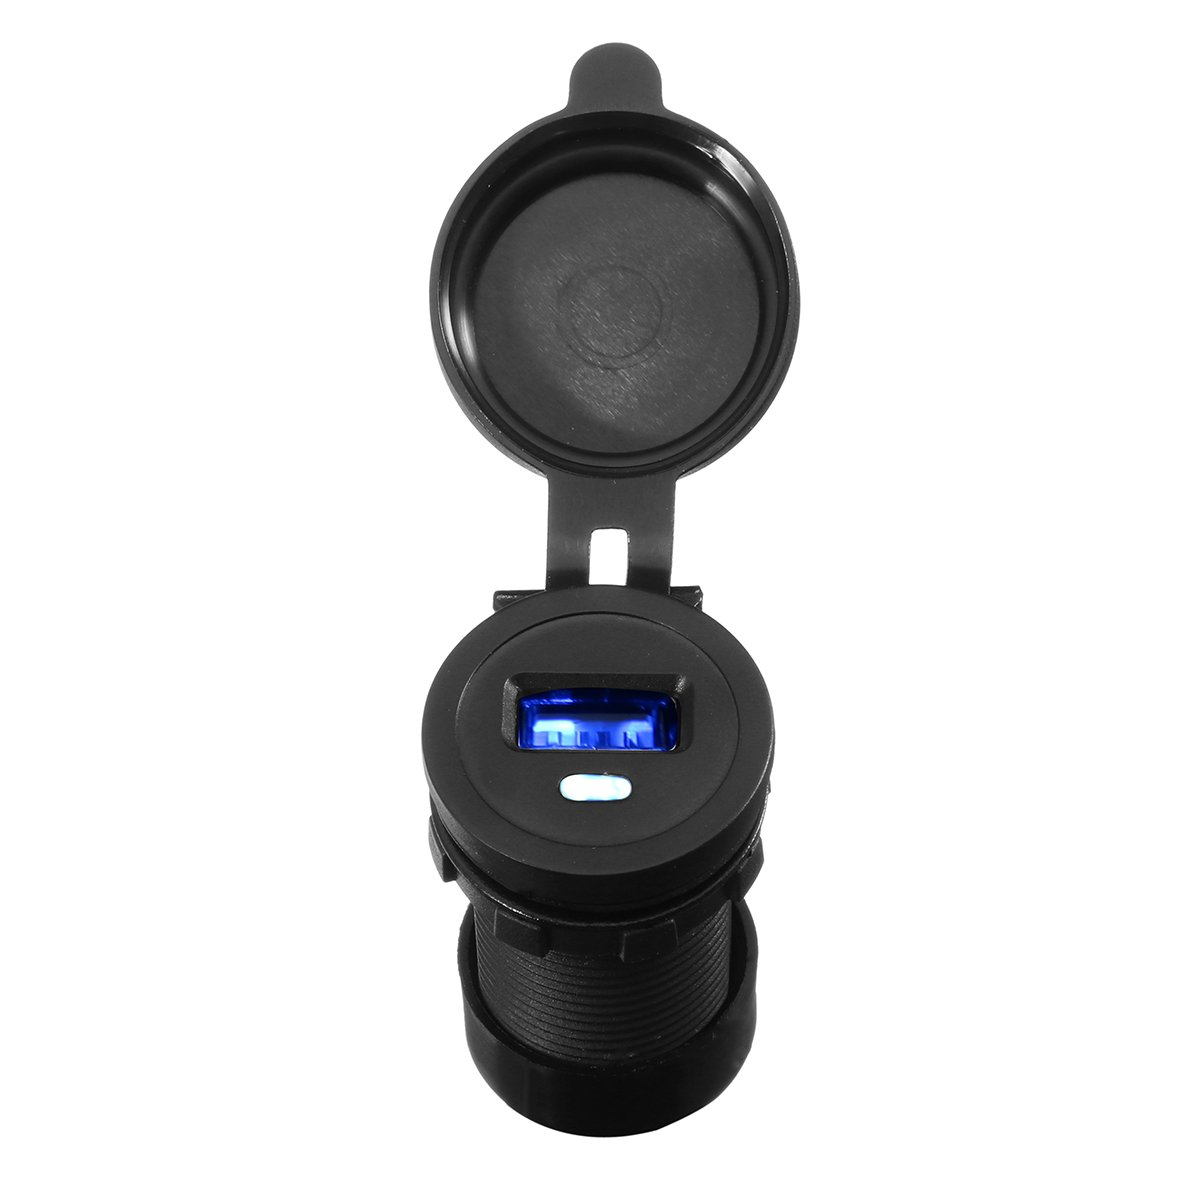 YONGYAO 12V 1A Moto Chargeur De Prise USB avec Bouchon /Étanche pour BMW